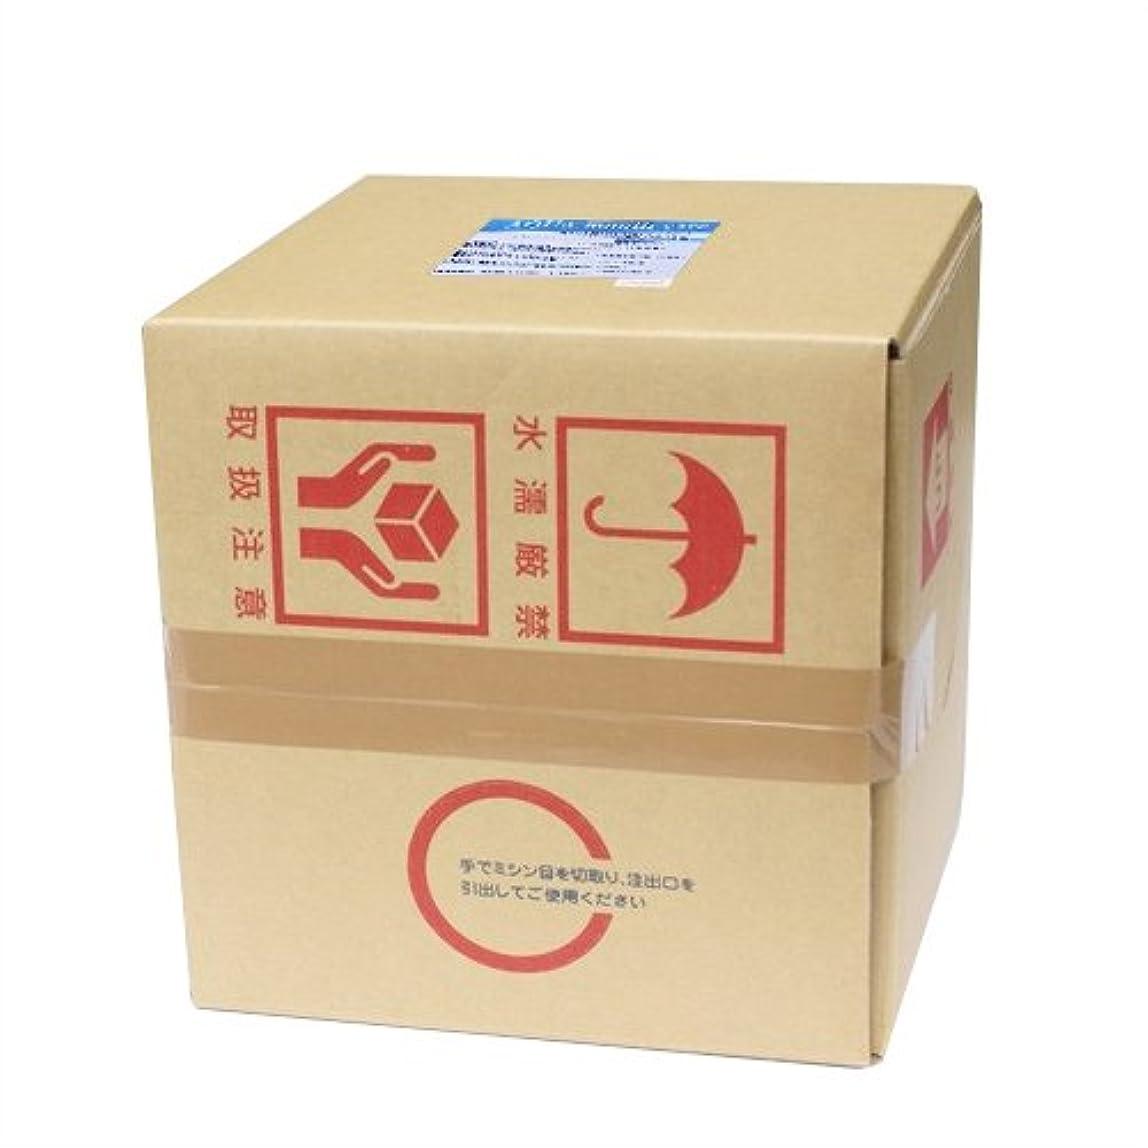 バッフル成果主流業務用洗口液 マウスウォッシュ アクアマウスケア (AQUA mouth care) 20倍濃縮タイプ 20L (詰め替えコック付き)